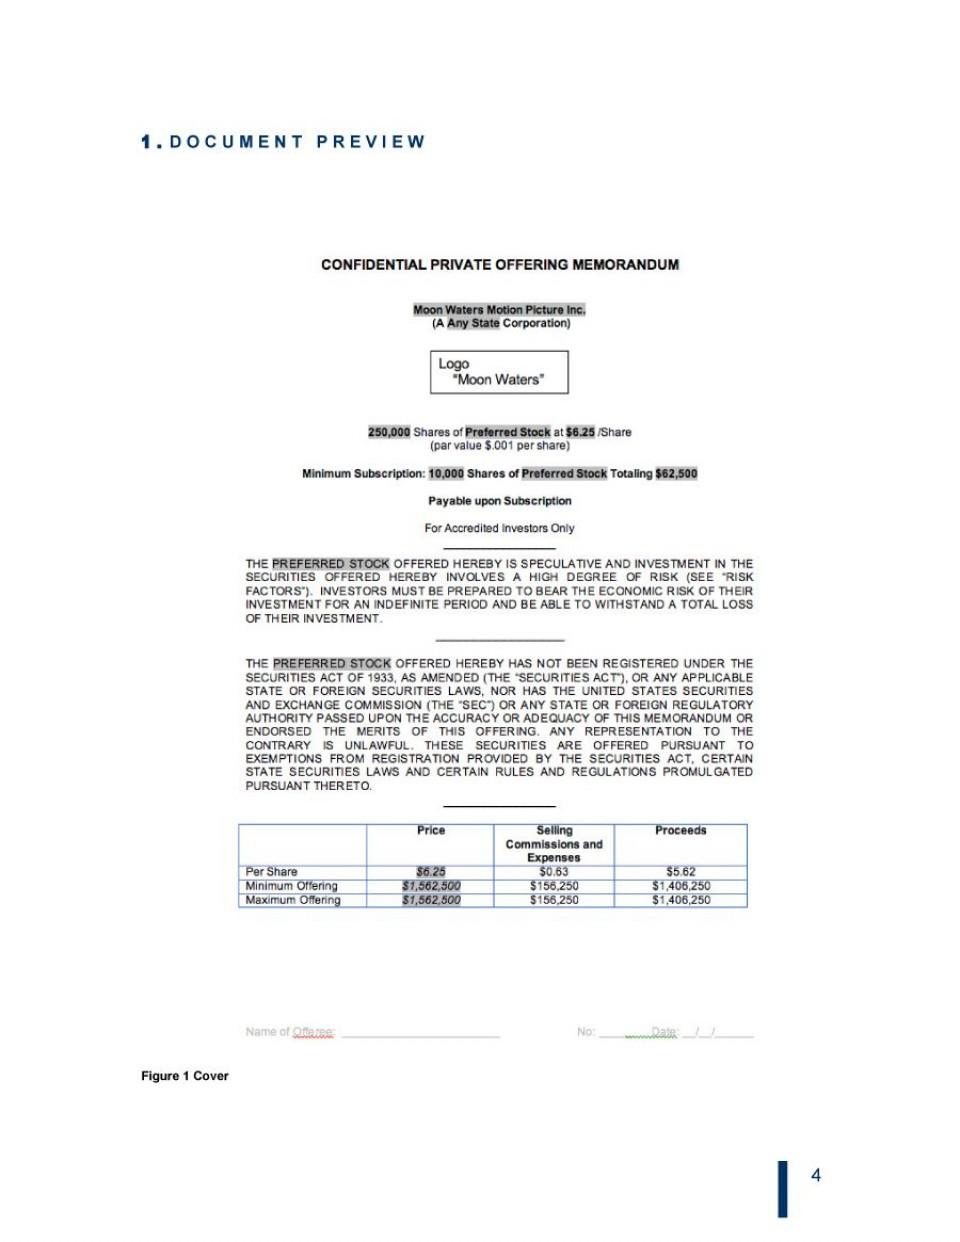 008 Striking Private Placement Memorandum Template Real Estate Design 960